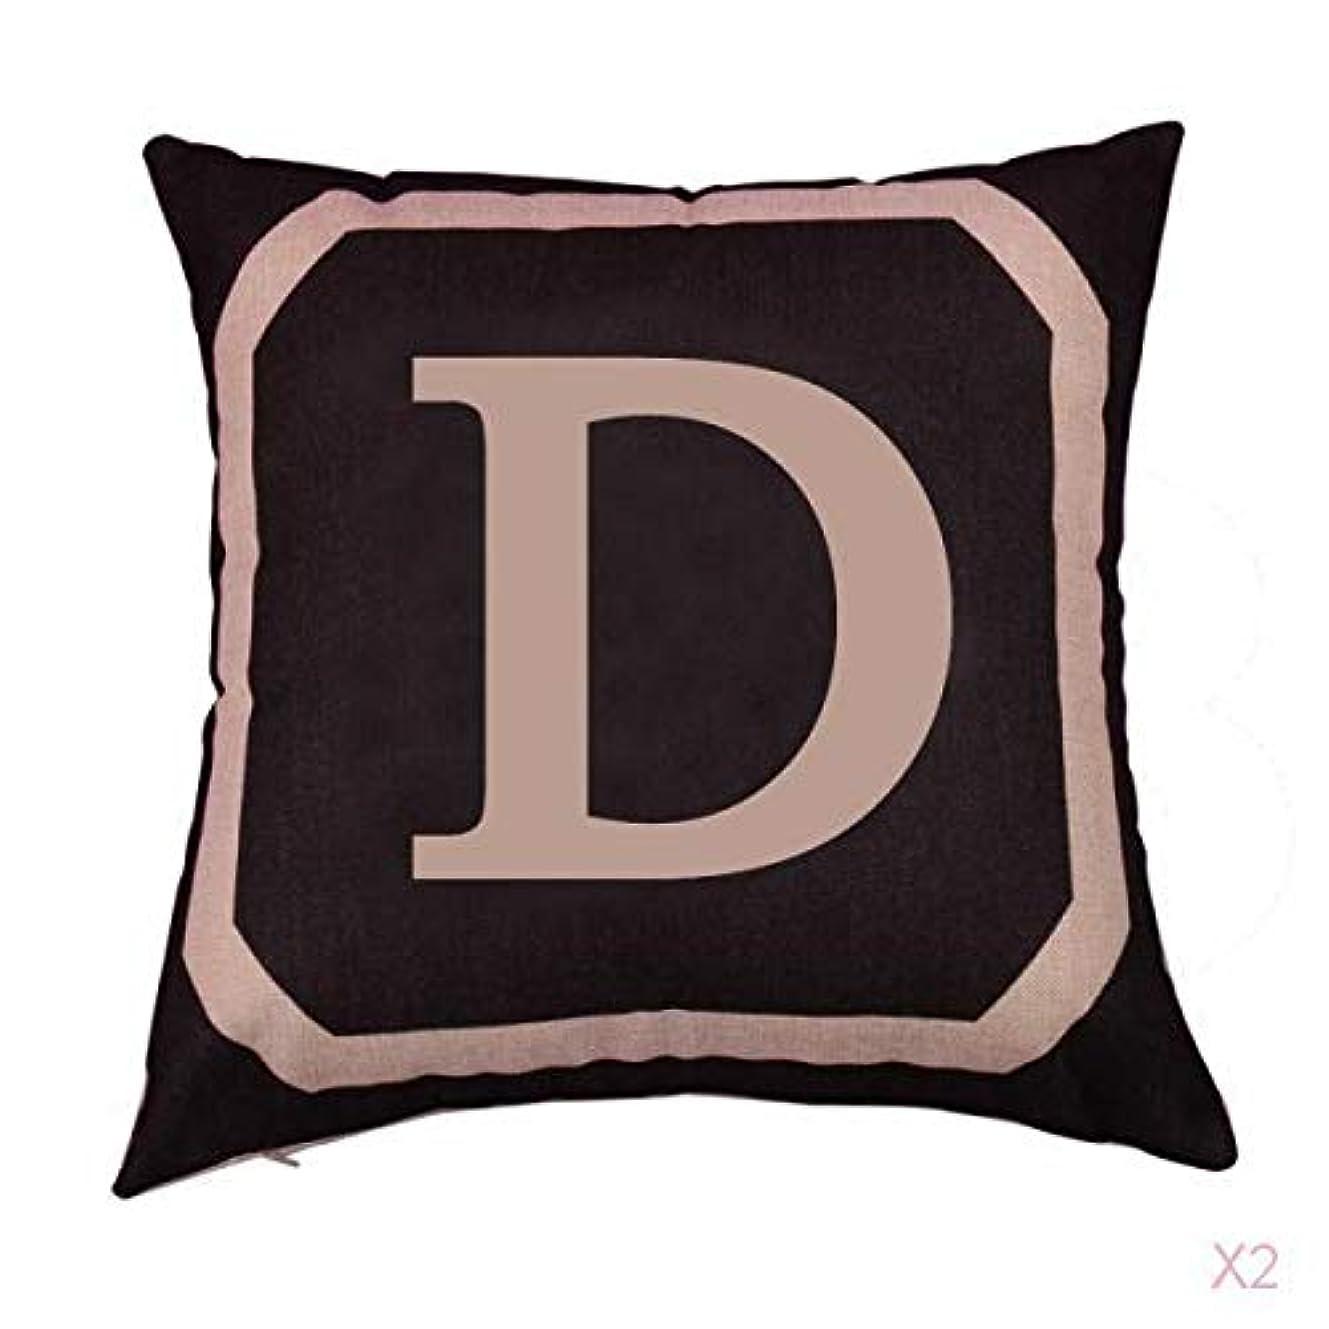 パズル悪因子写真正方形の綿のリネンスローピローケース腰クッションカバーベッドソファ装飾さd